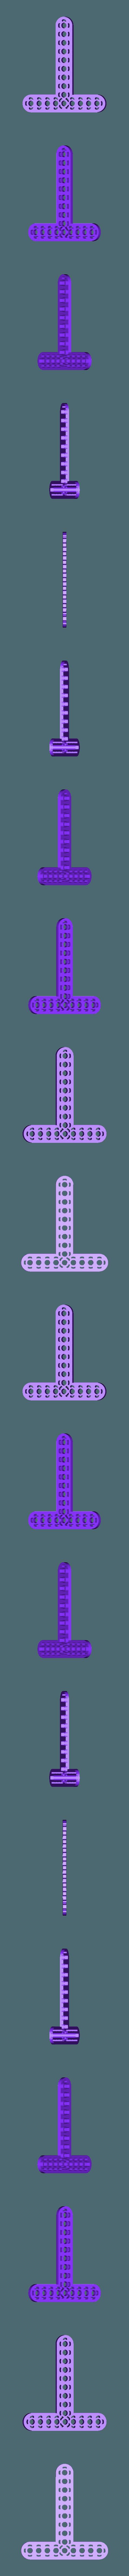 T_9_10.STL Télécharger fichier STL gratuit MEGA Expansion 200+ Pièces • Plan à imprimer en 3D, Pwentey